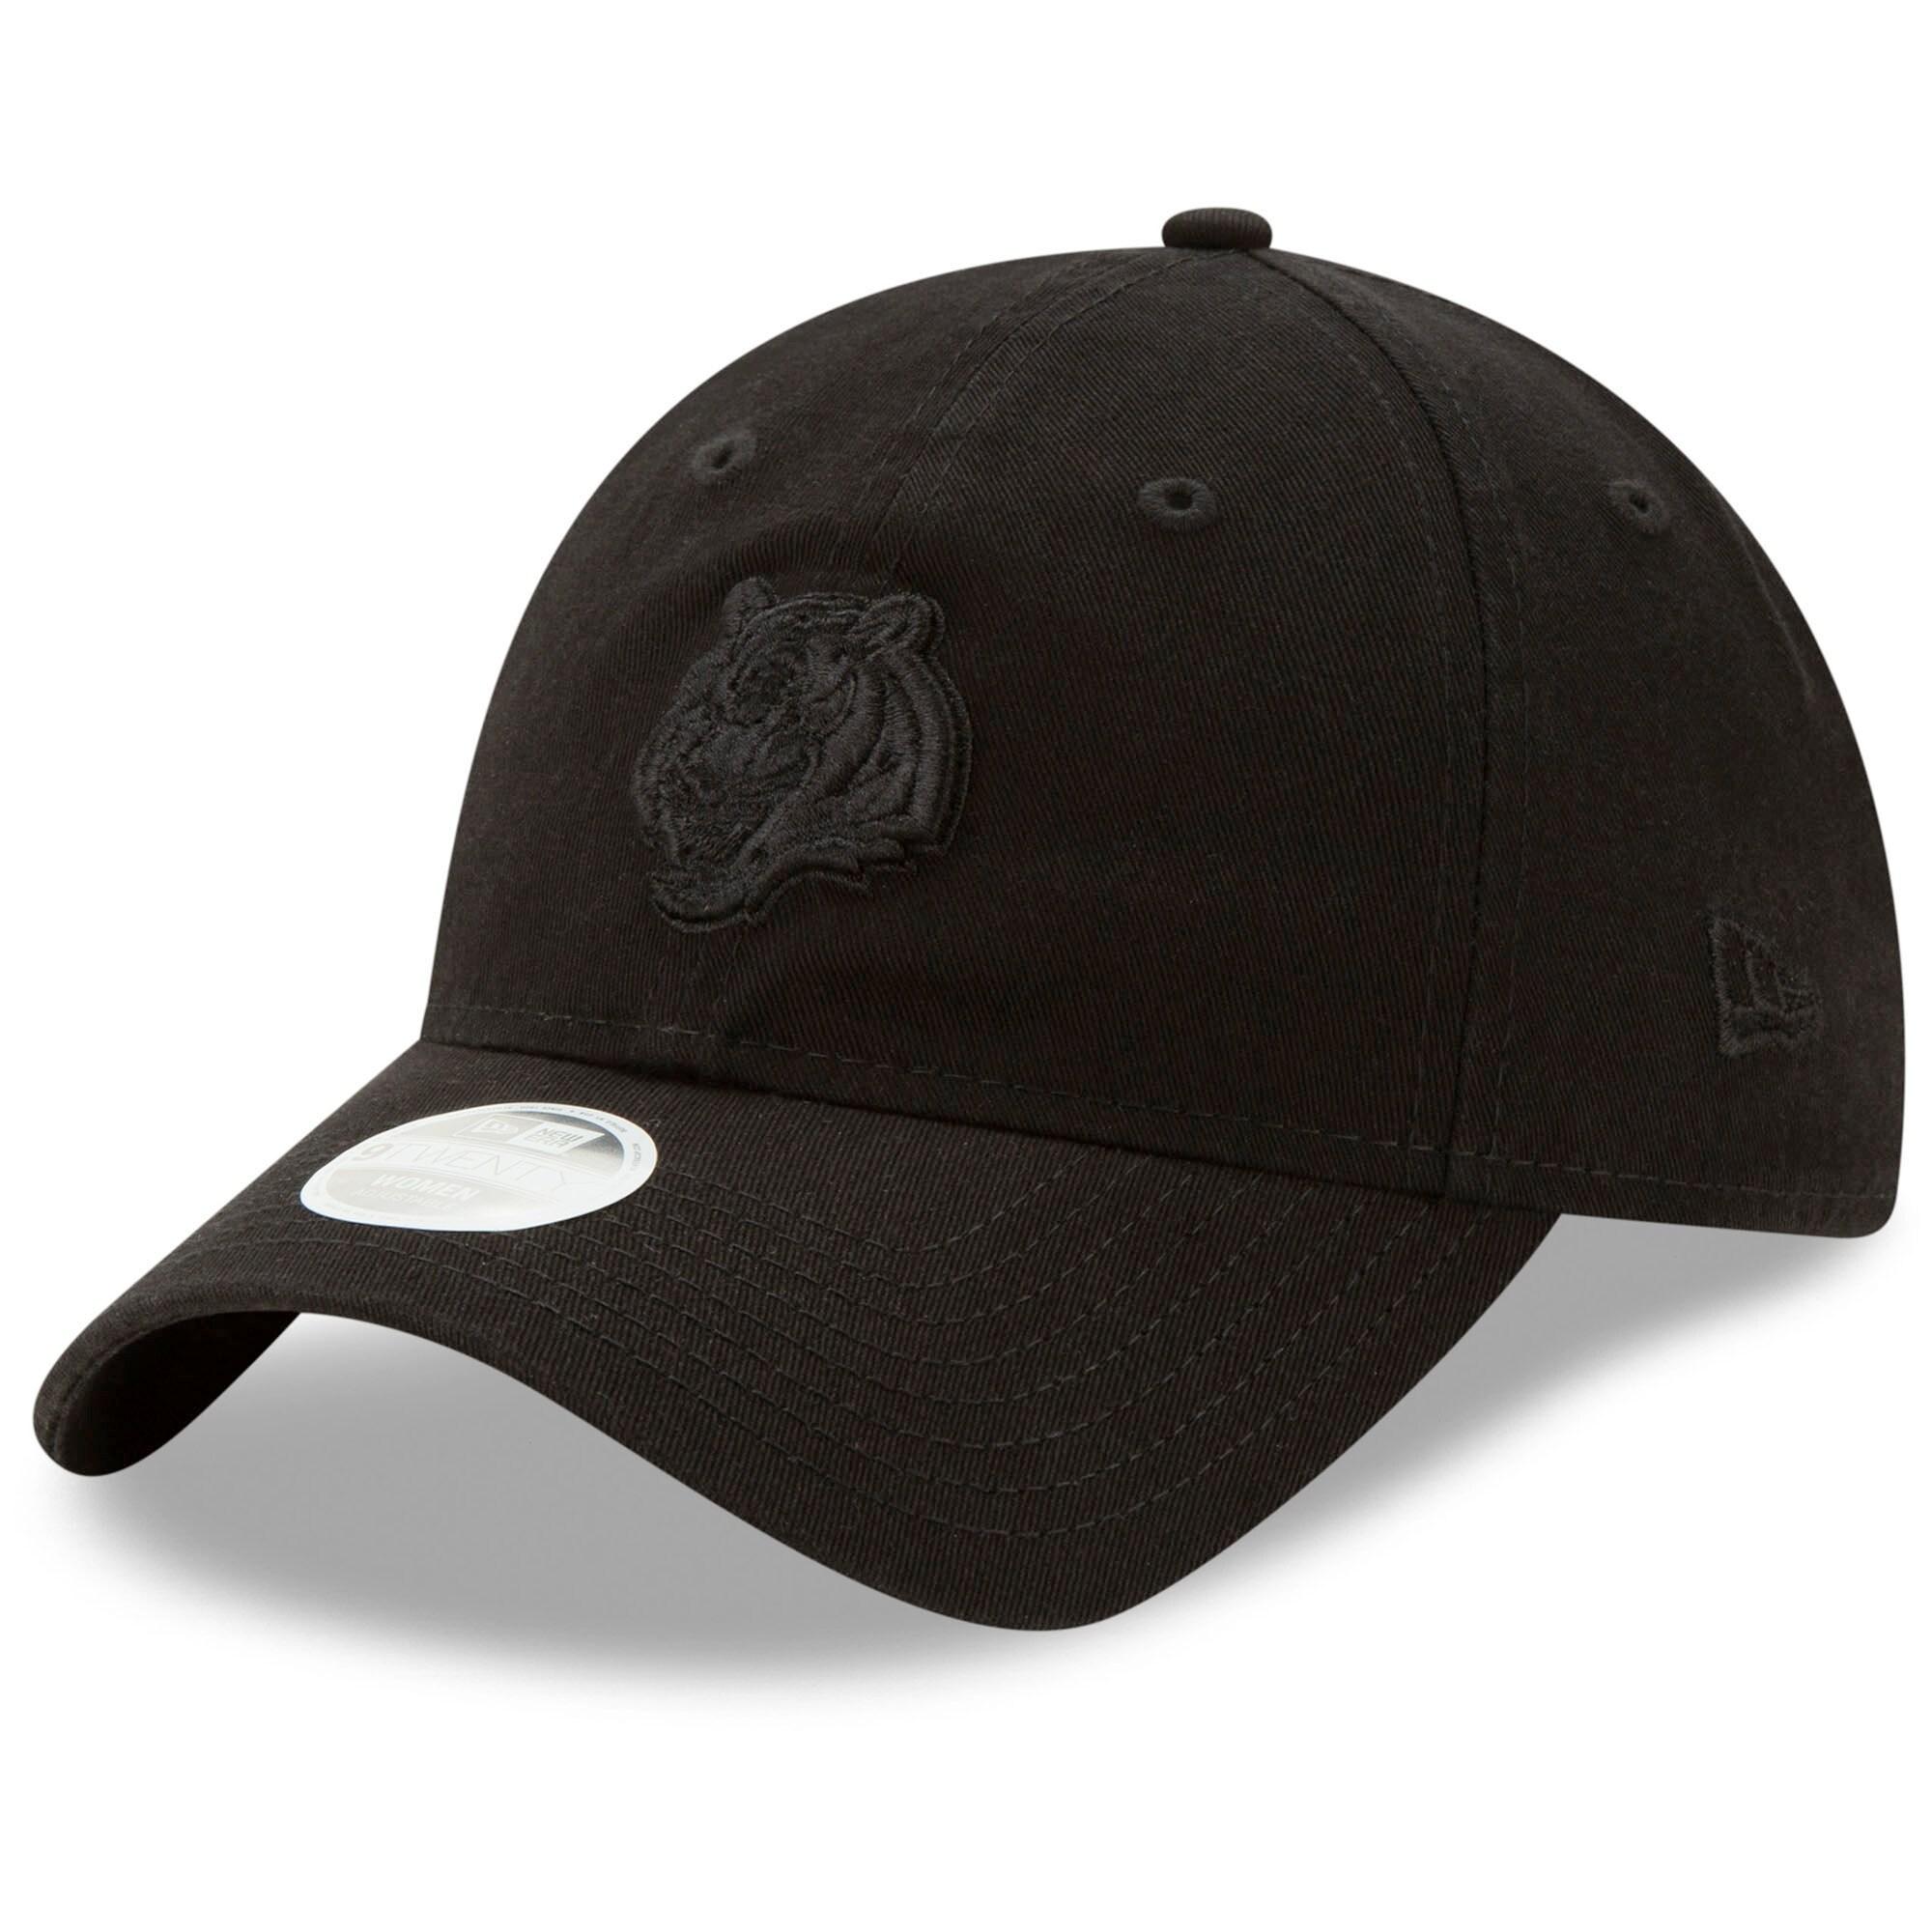 Cincinnati Bengals New Era Women's Core Classic Black on Black 9TWENTY Adjustable Hat - Black